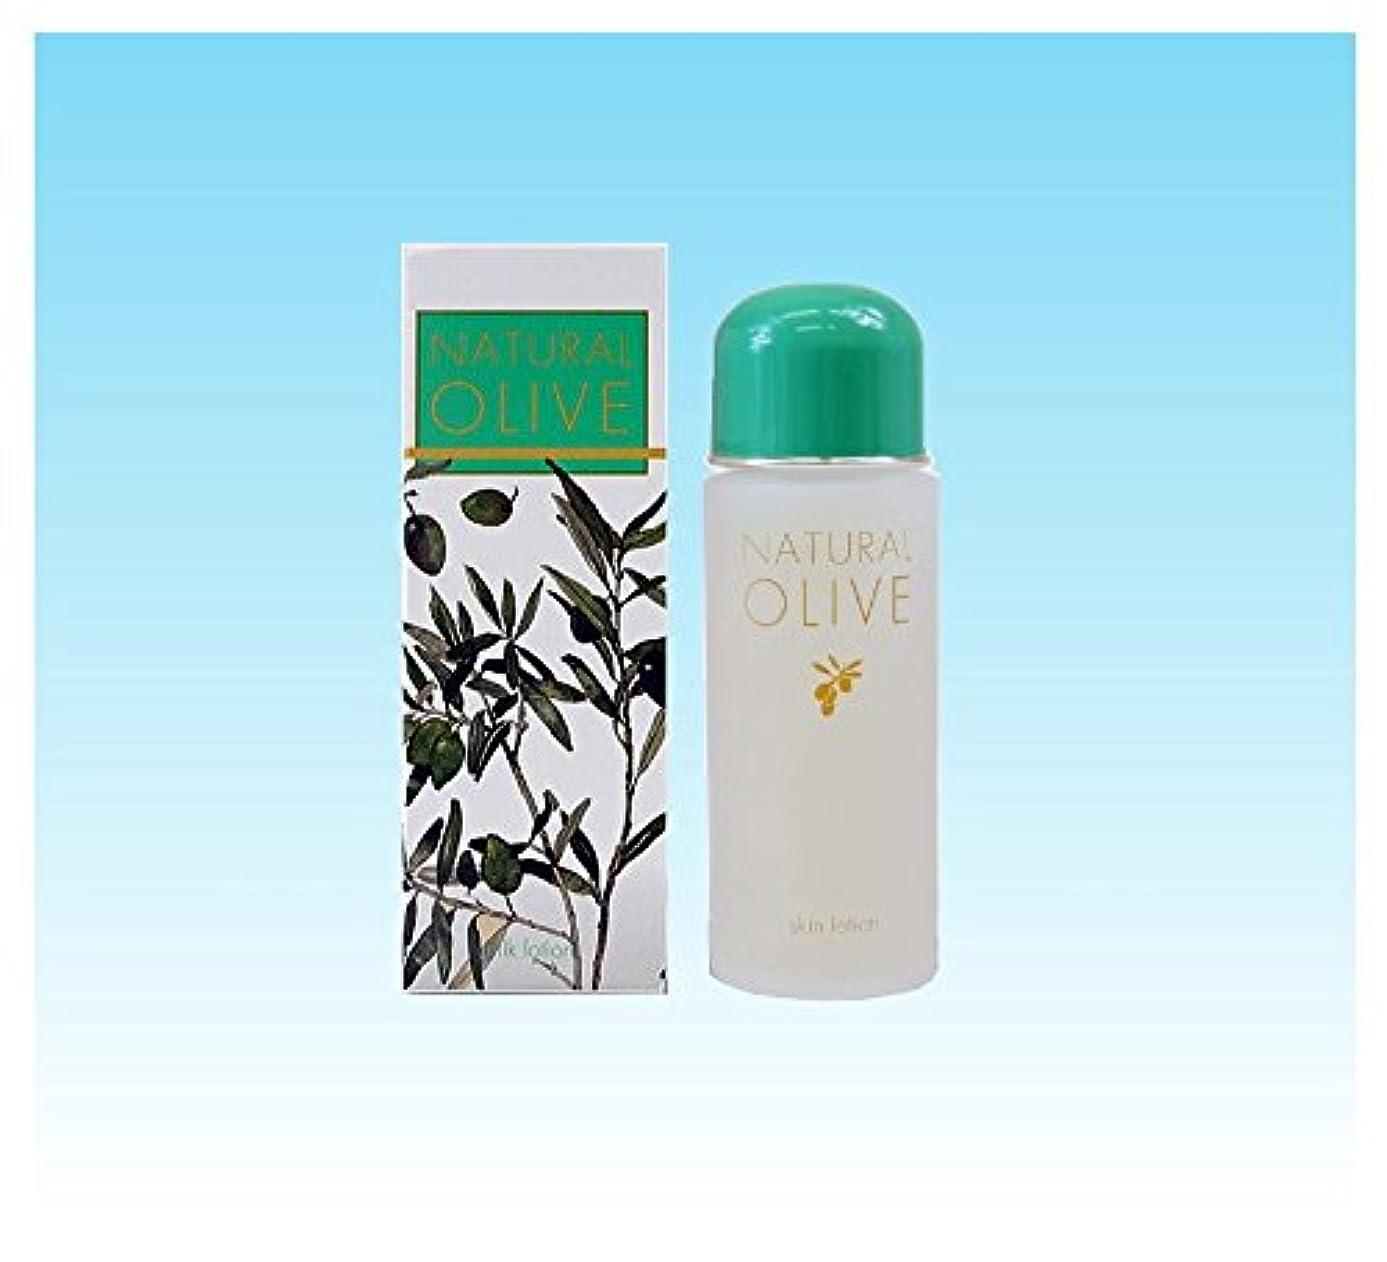 イディオムラウズパークナチュラルオリーブ化粧水(1本)